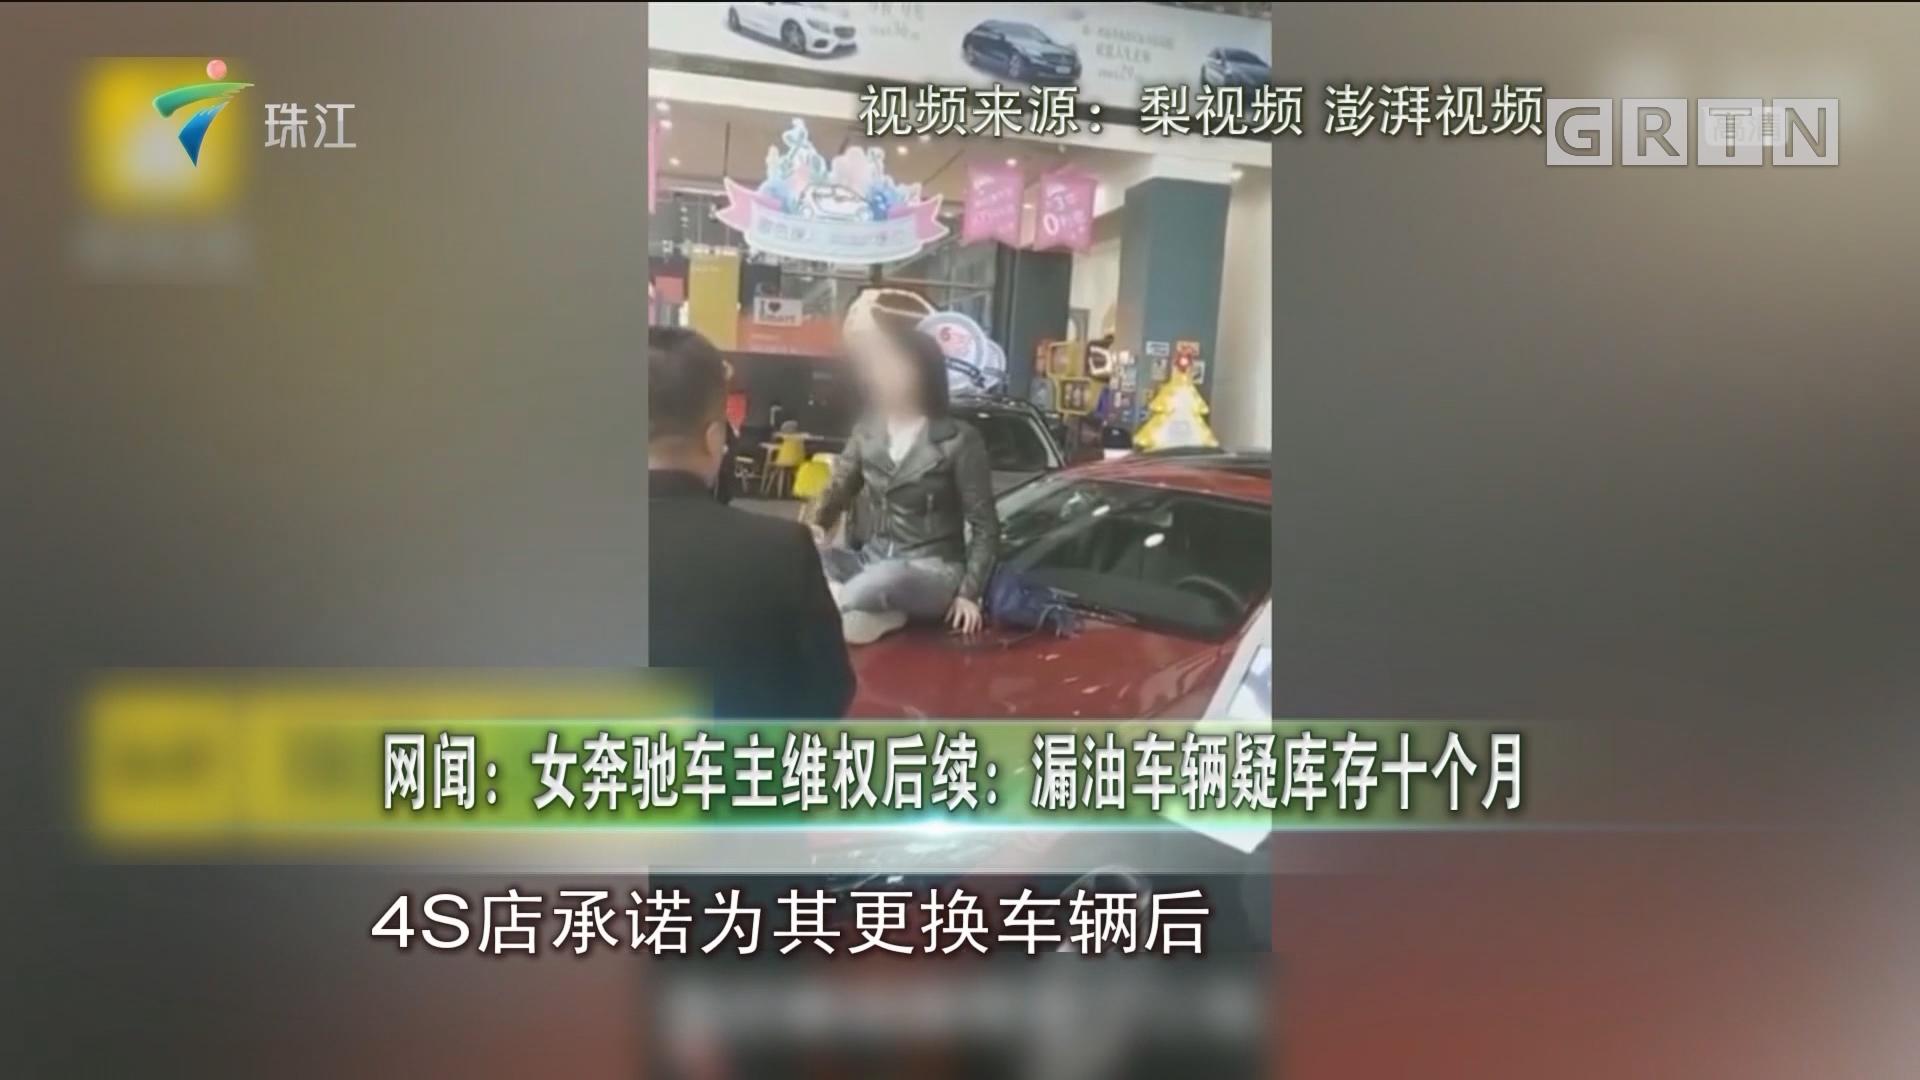 网闻:女奔驰车主维权后续:漏油车辆疑库存十个月